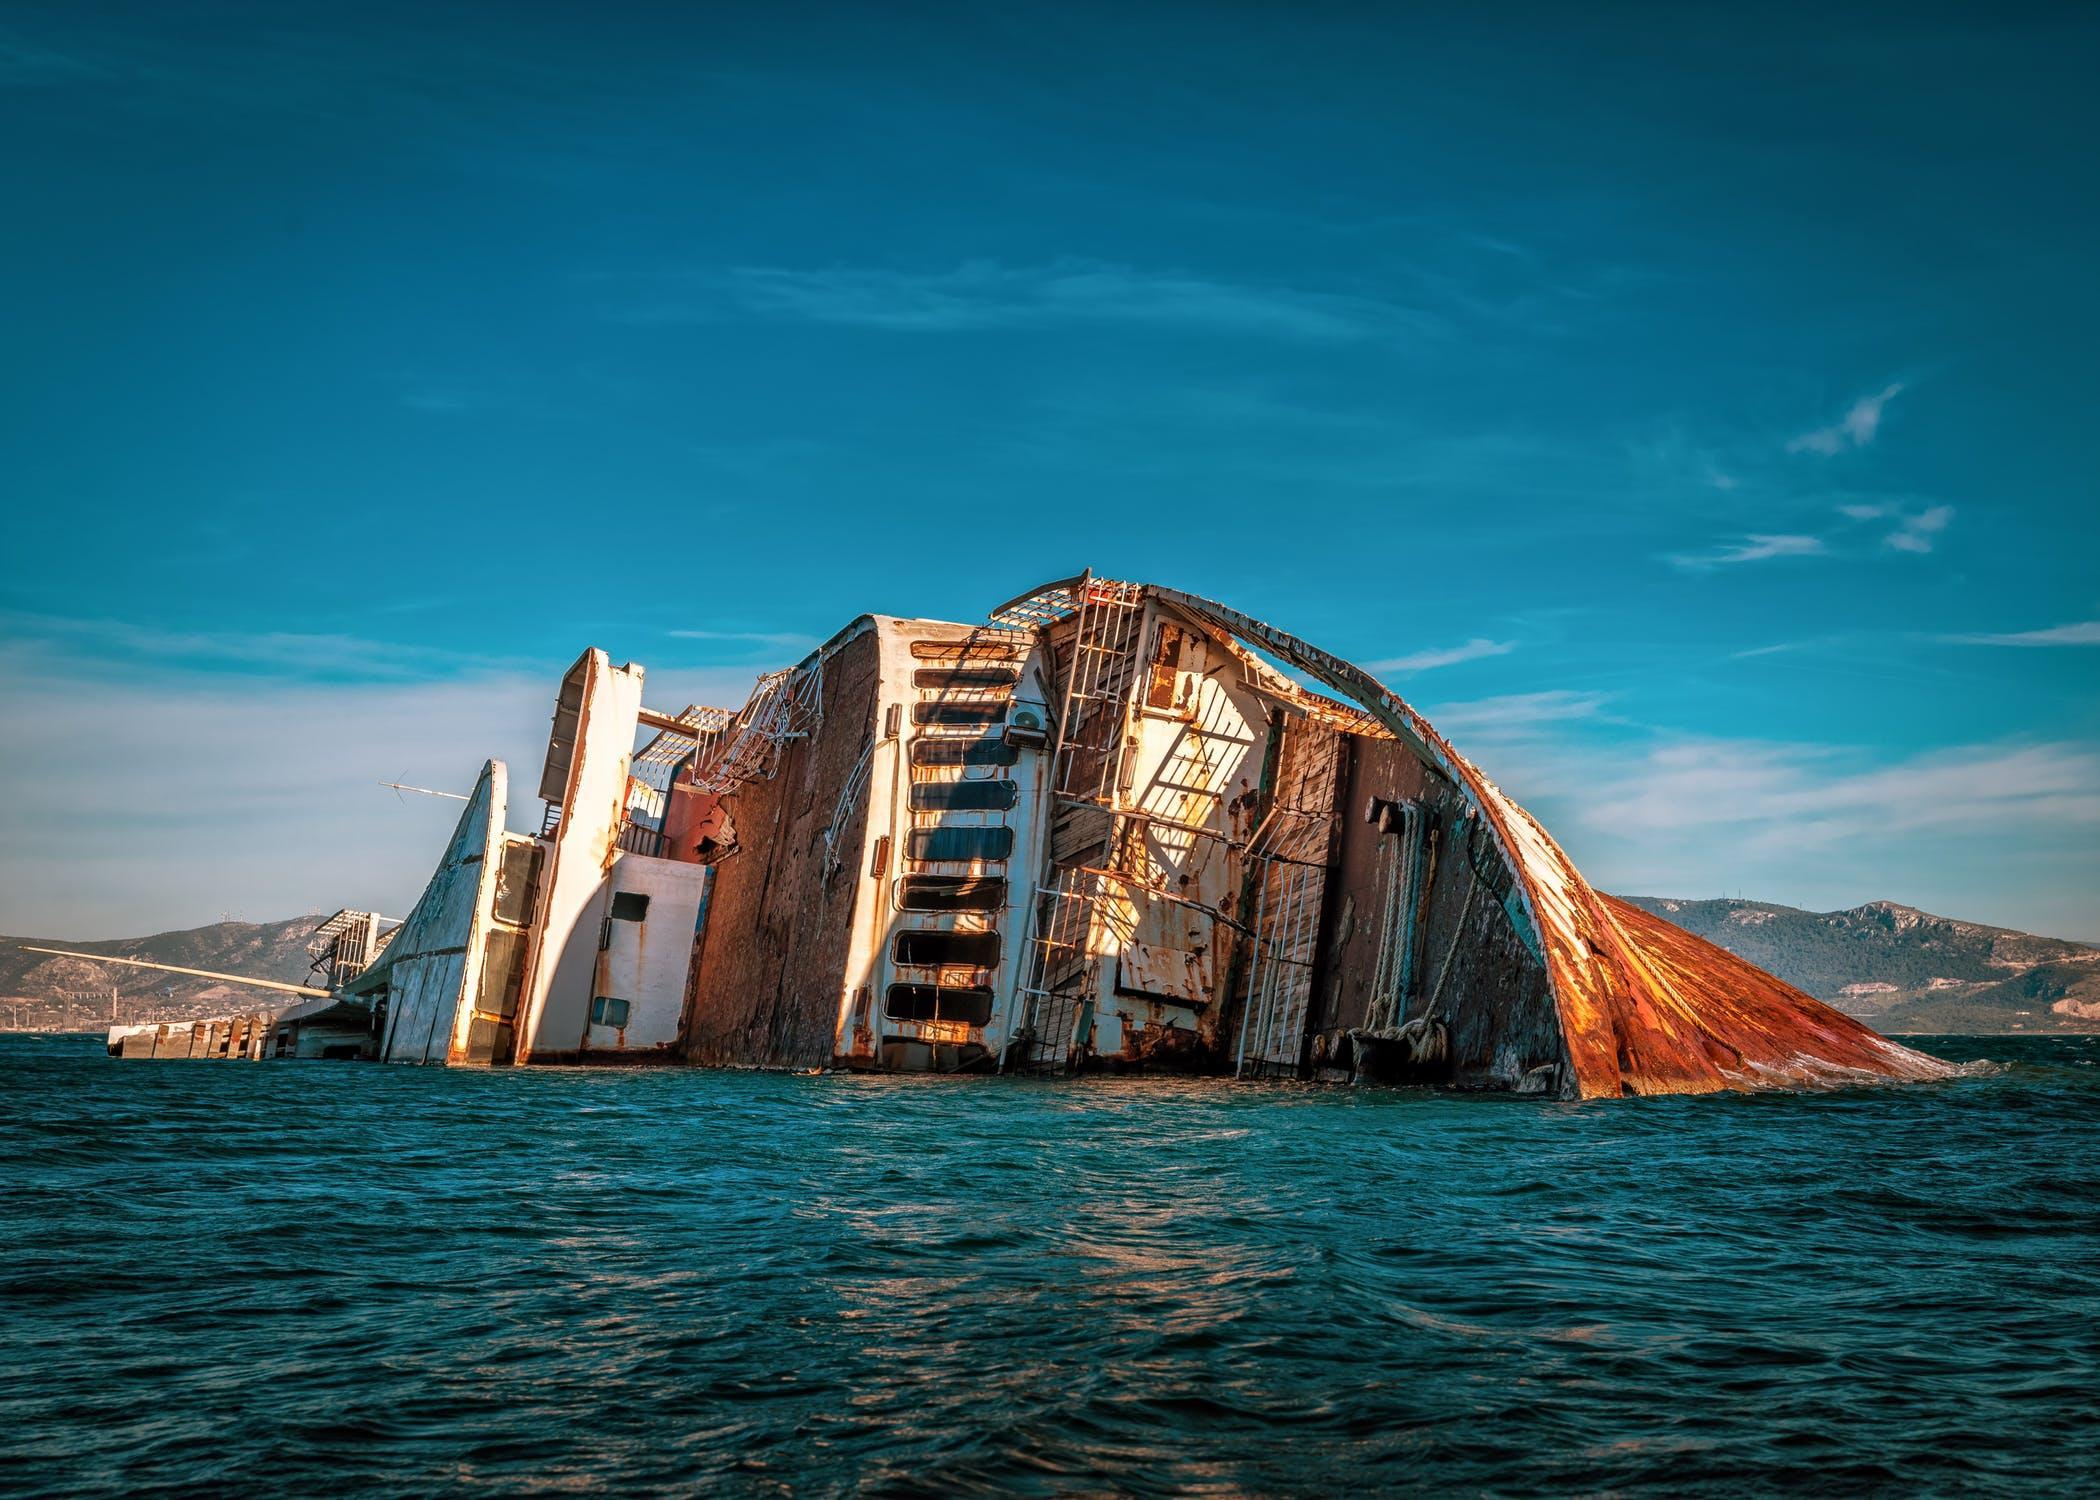 Nave naufragata